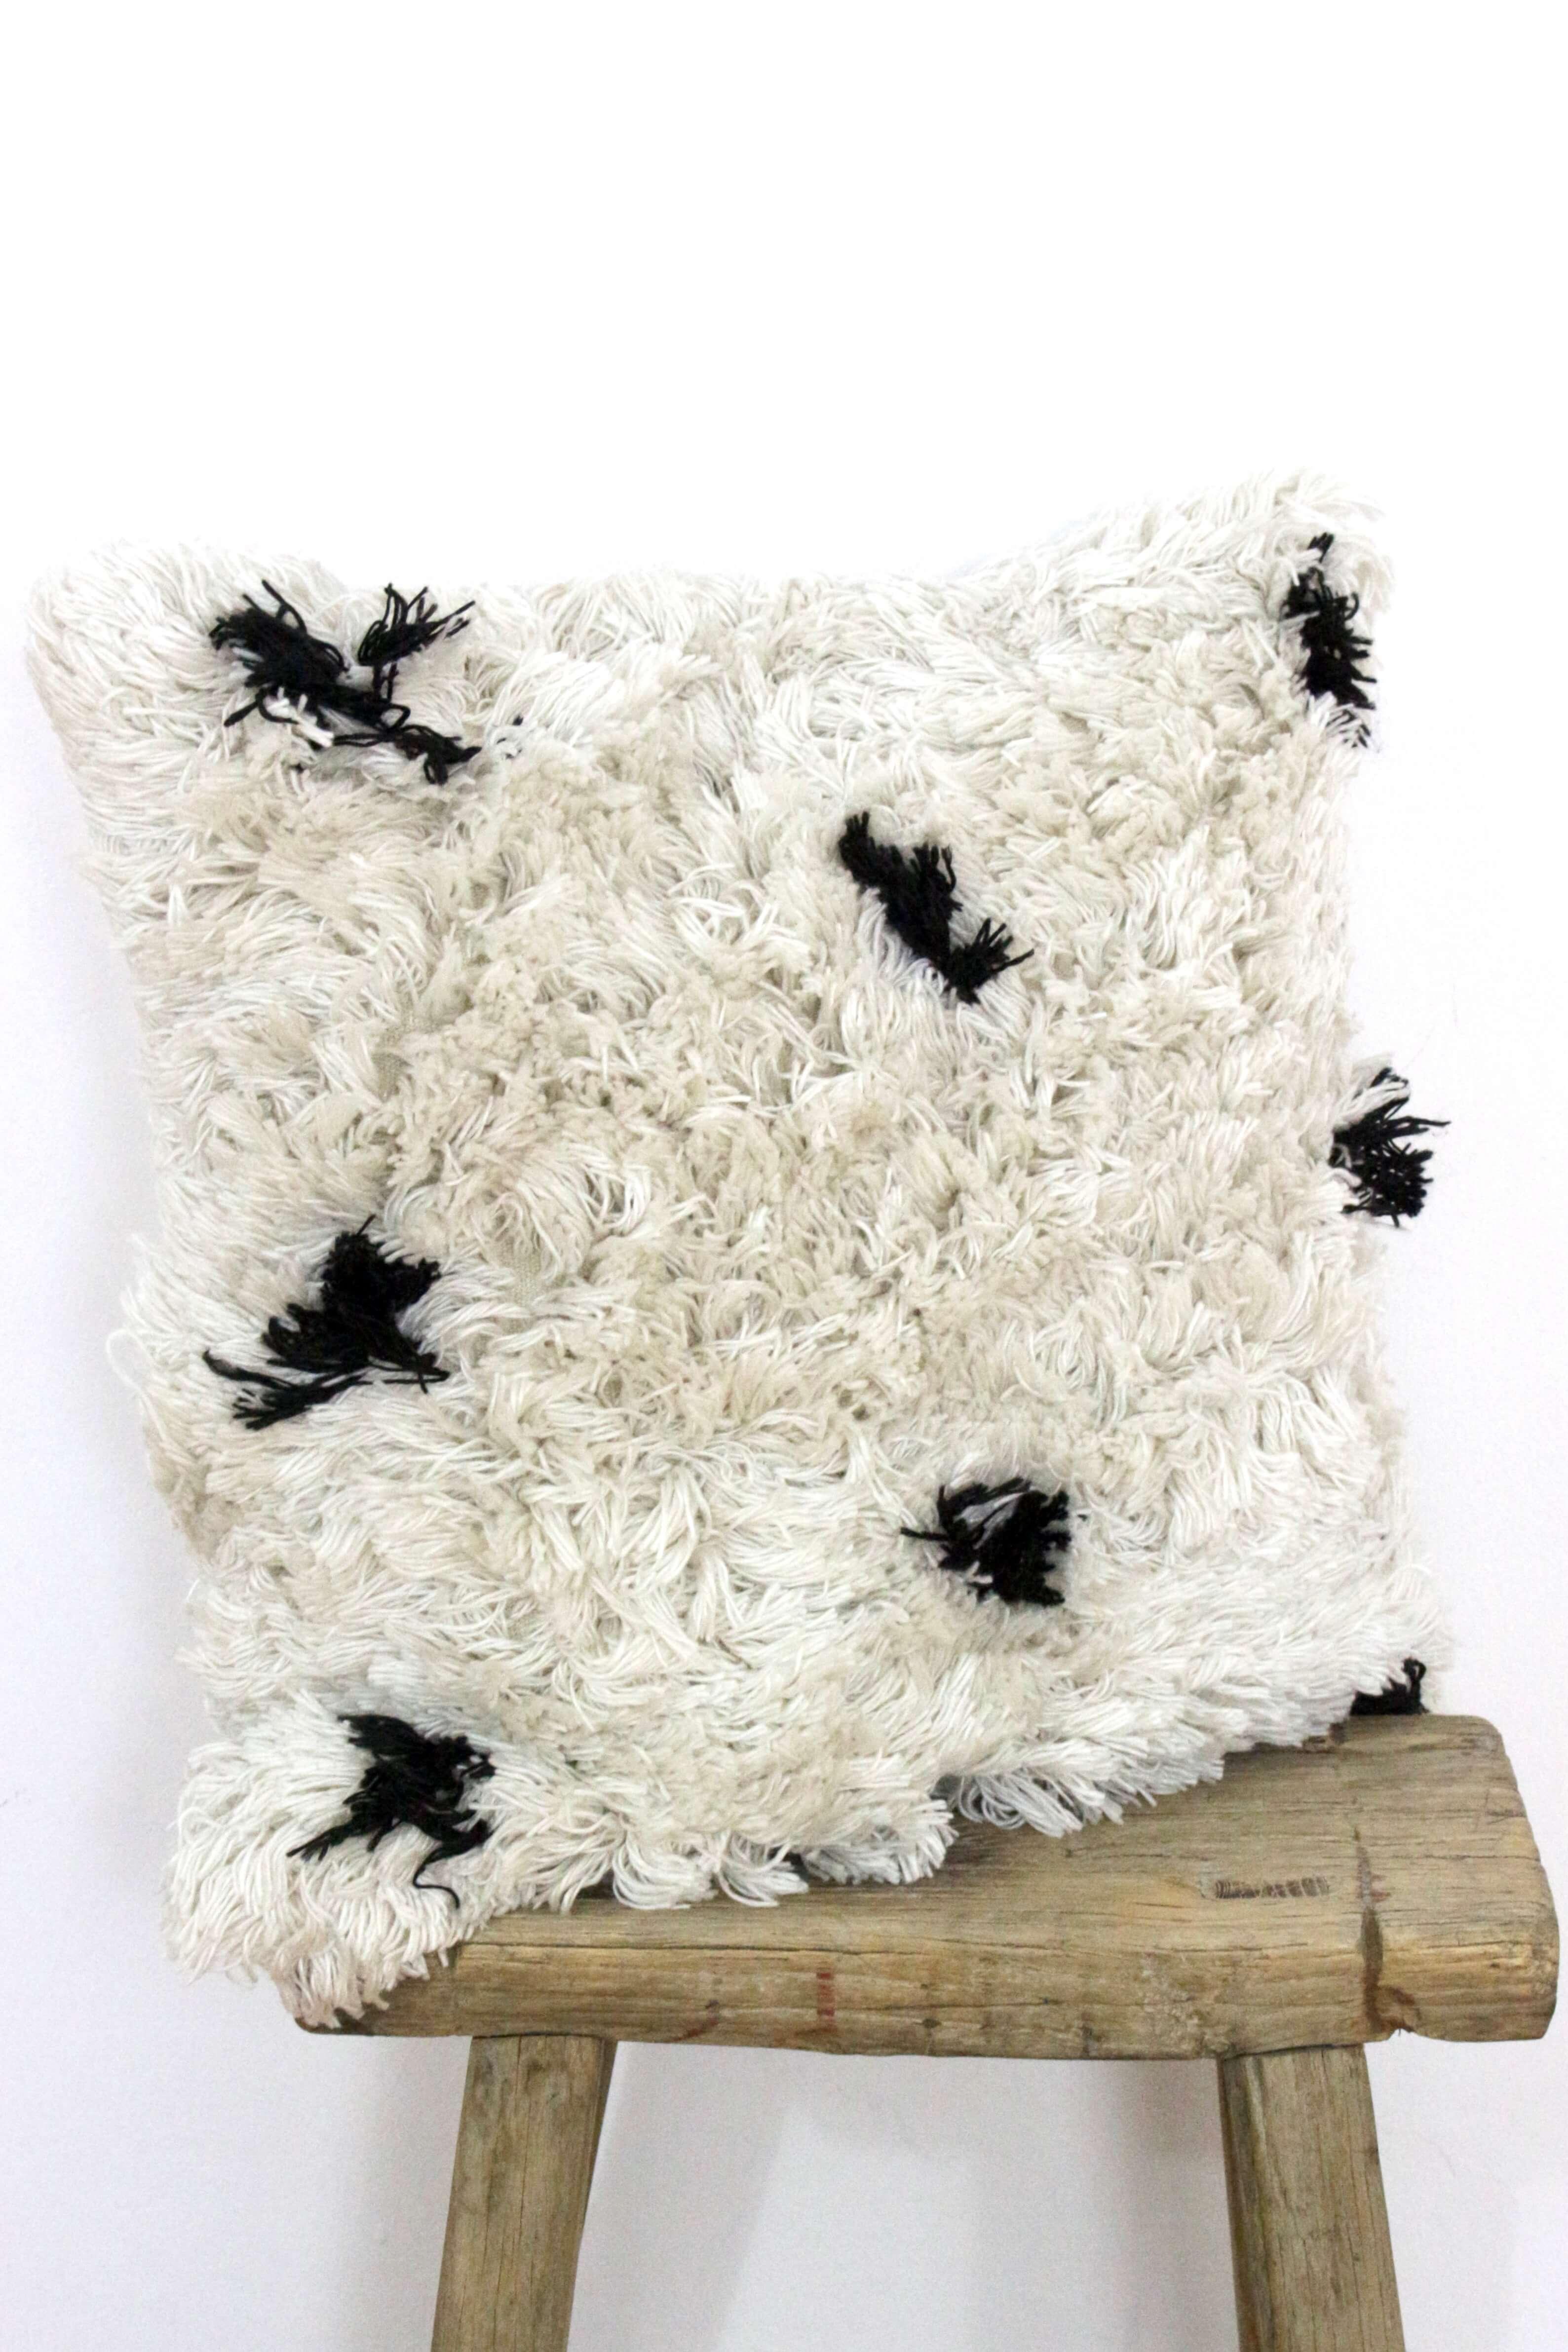 Kissen creme mit schwarzen Punkten, 50x50